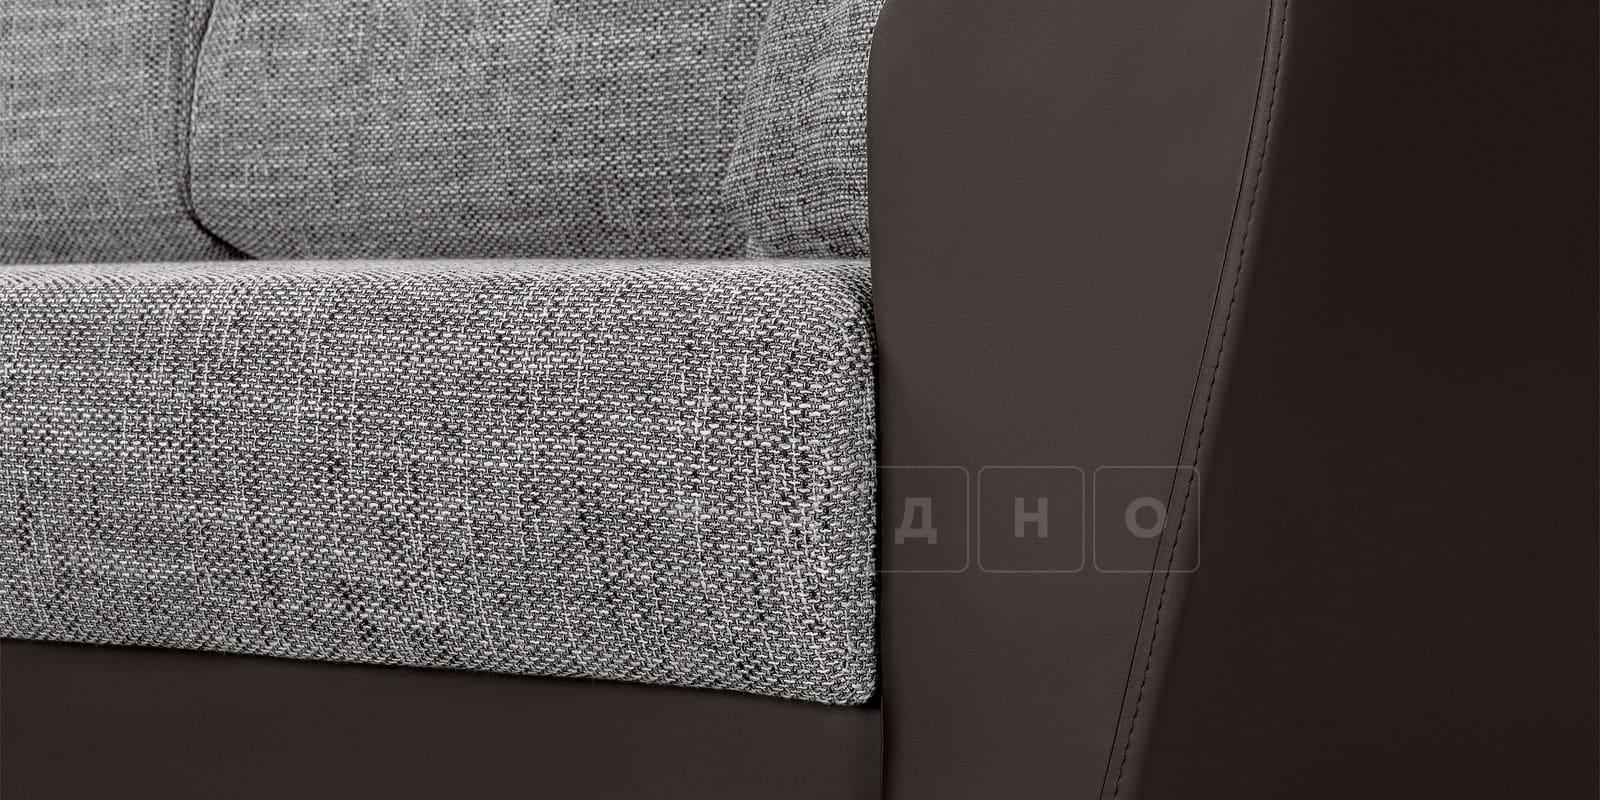 Диван прямой Амстердам кожаный с рогожкой серый фото 6 | интернет-магазин Складно